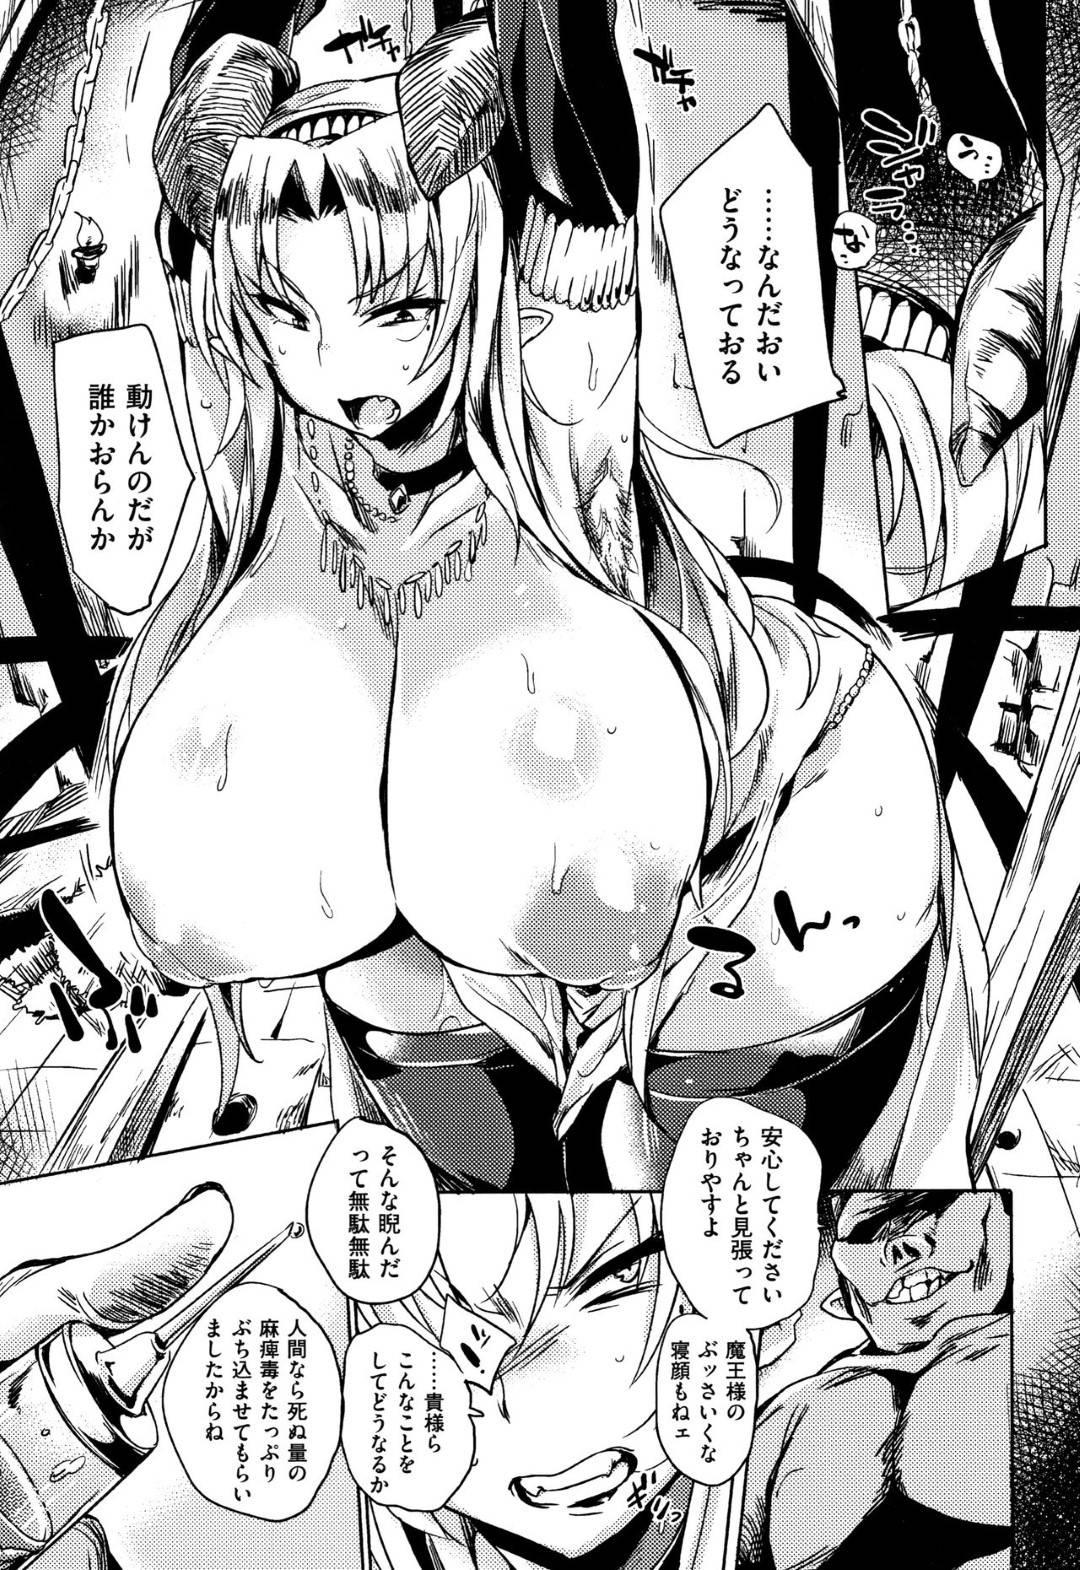 【エロ漫画】反逆した部下に首輪を付けられて拘束されてしまったムチムチな女魔王。生意気な彼女に部下の魔物達は今までの復讐をする為に触手で陵辱したり、デカマラでレイプしたりし、彼女を孕ませようとする!